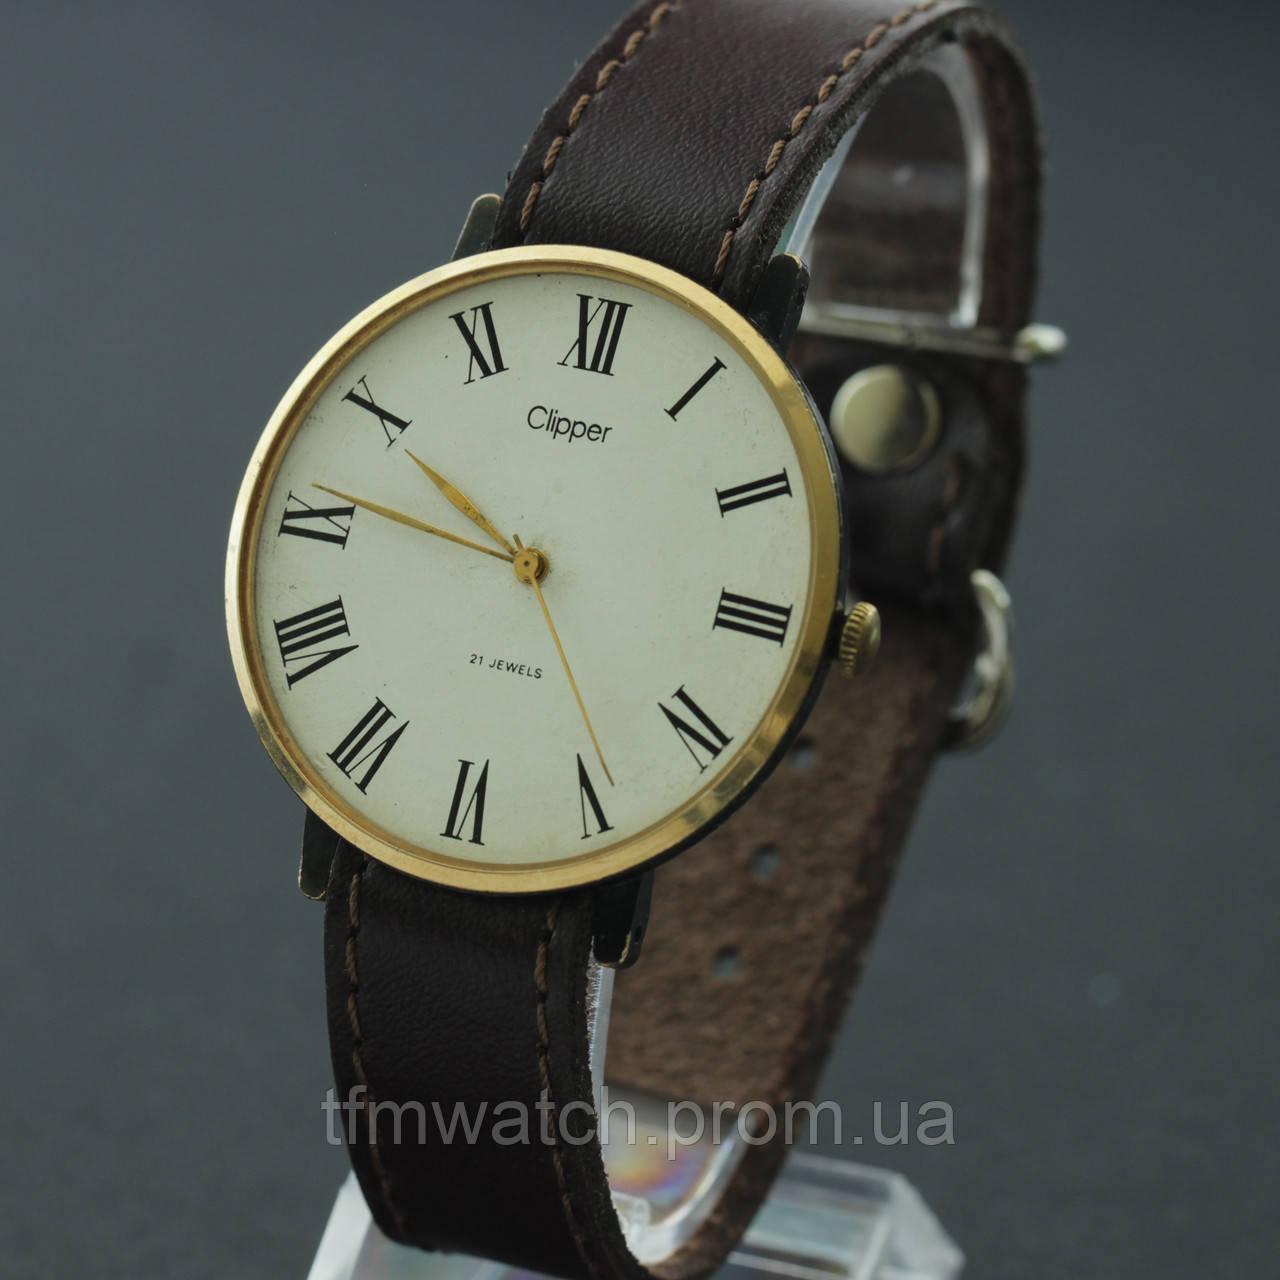 64fd40e7 Clipper Заря наручные механические часы - Магазин старинных, винтажных и  антикварных часов TFMwatch в России